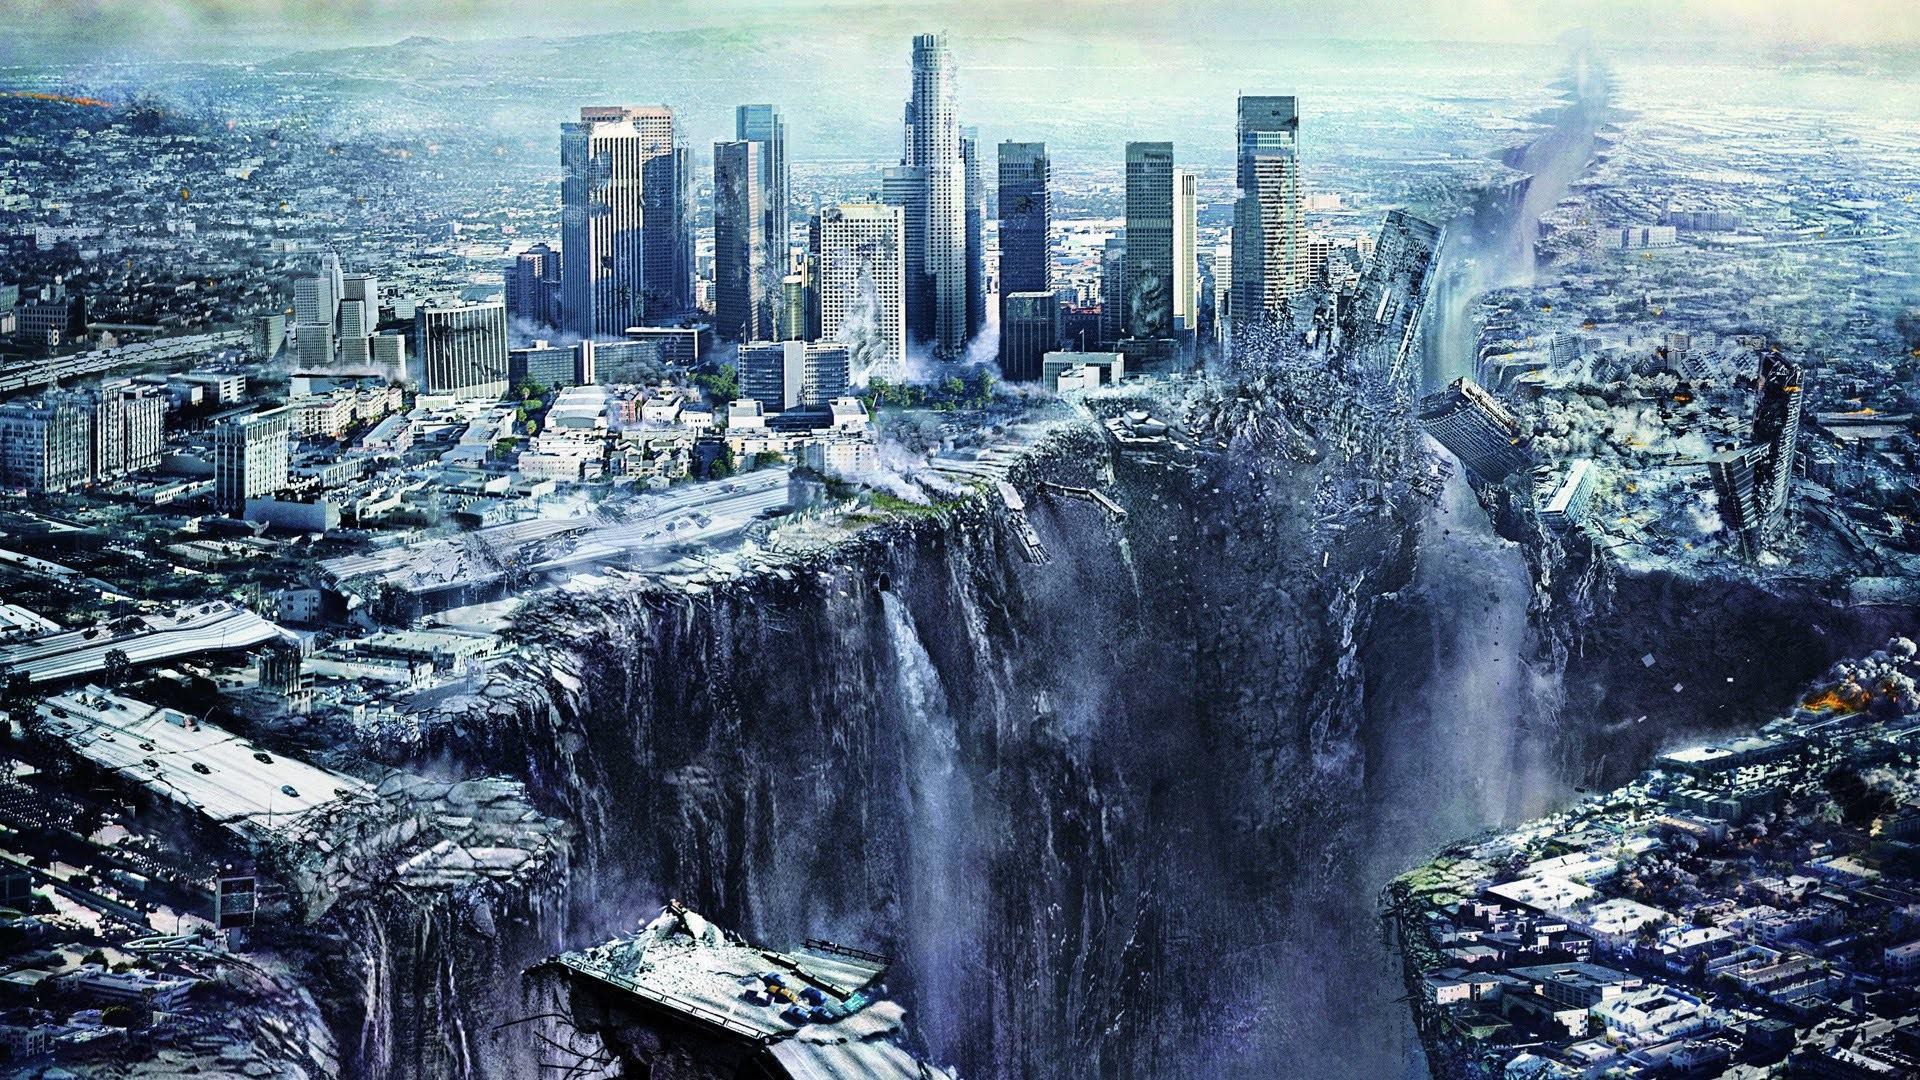 Президент США призвал американцев за сентябрь подготовиться к глобальным катастрофам